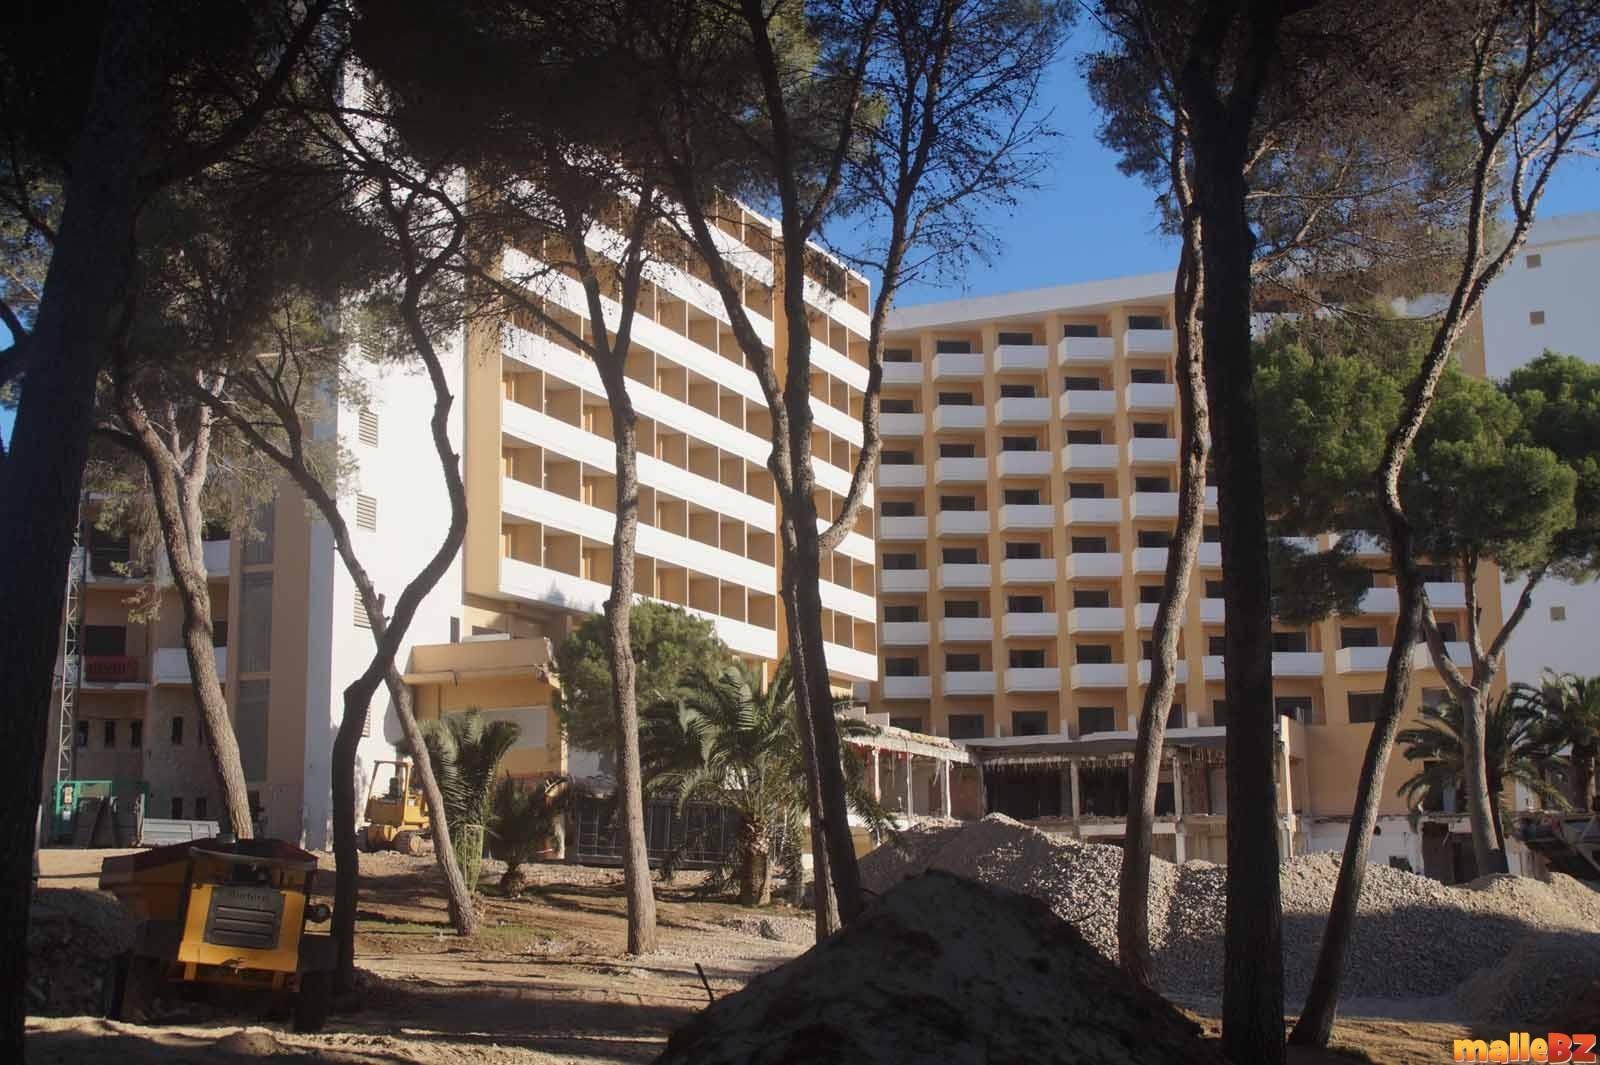 Bilder Und Fotos Vom Umbau Und Neubau Hotel Riu Playa Park